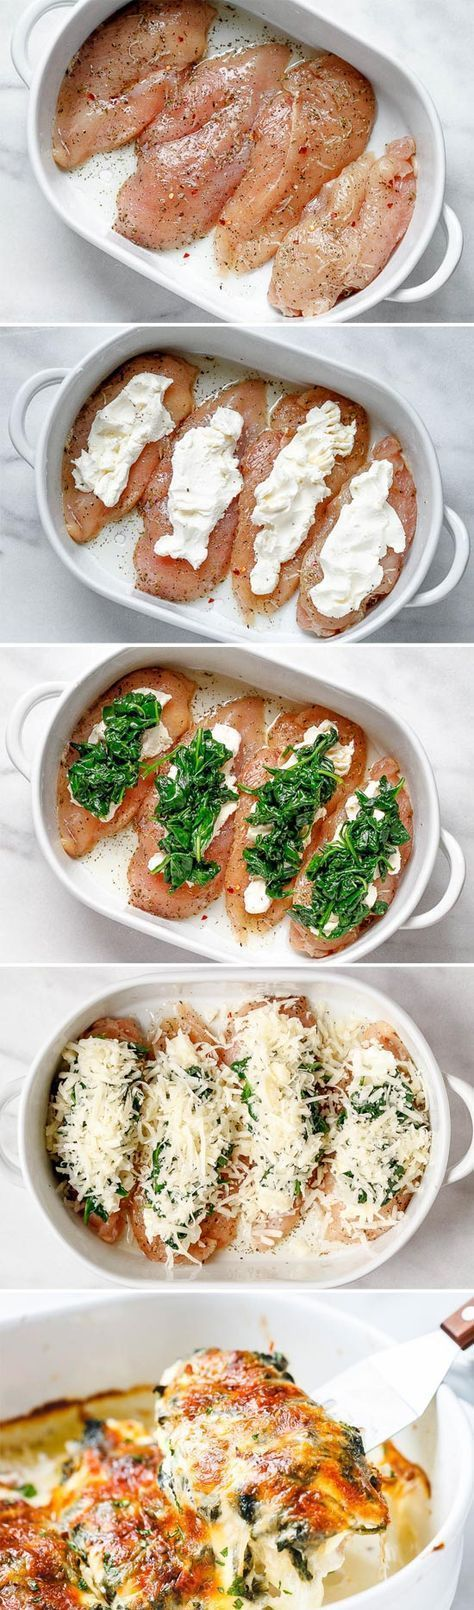 Spinach and Chicken Bake with Cream Cheese and Mozzarella - All Deli ... - Keto Diat Xs #bake #Cheese #chicken #Cream #Deli #ensaladas #Keto #mozzarella #postres faciles #postres gourmet #recetas de cocina #recetas de postres #recetas faciles #recetas pasta #recetas saludables #recetas vegetarianas #saludables #Spinach